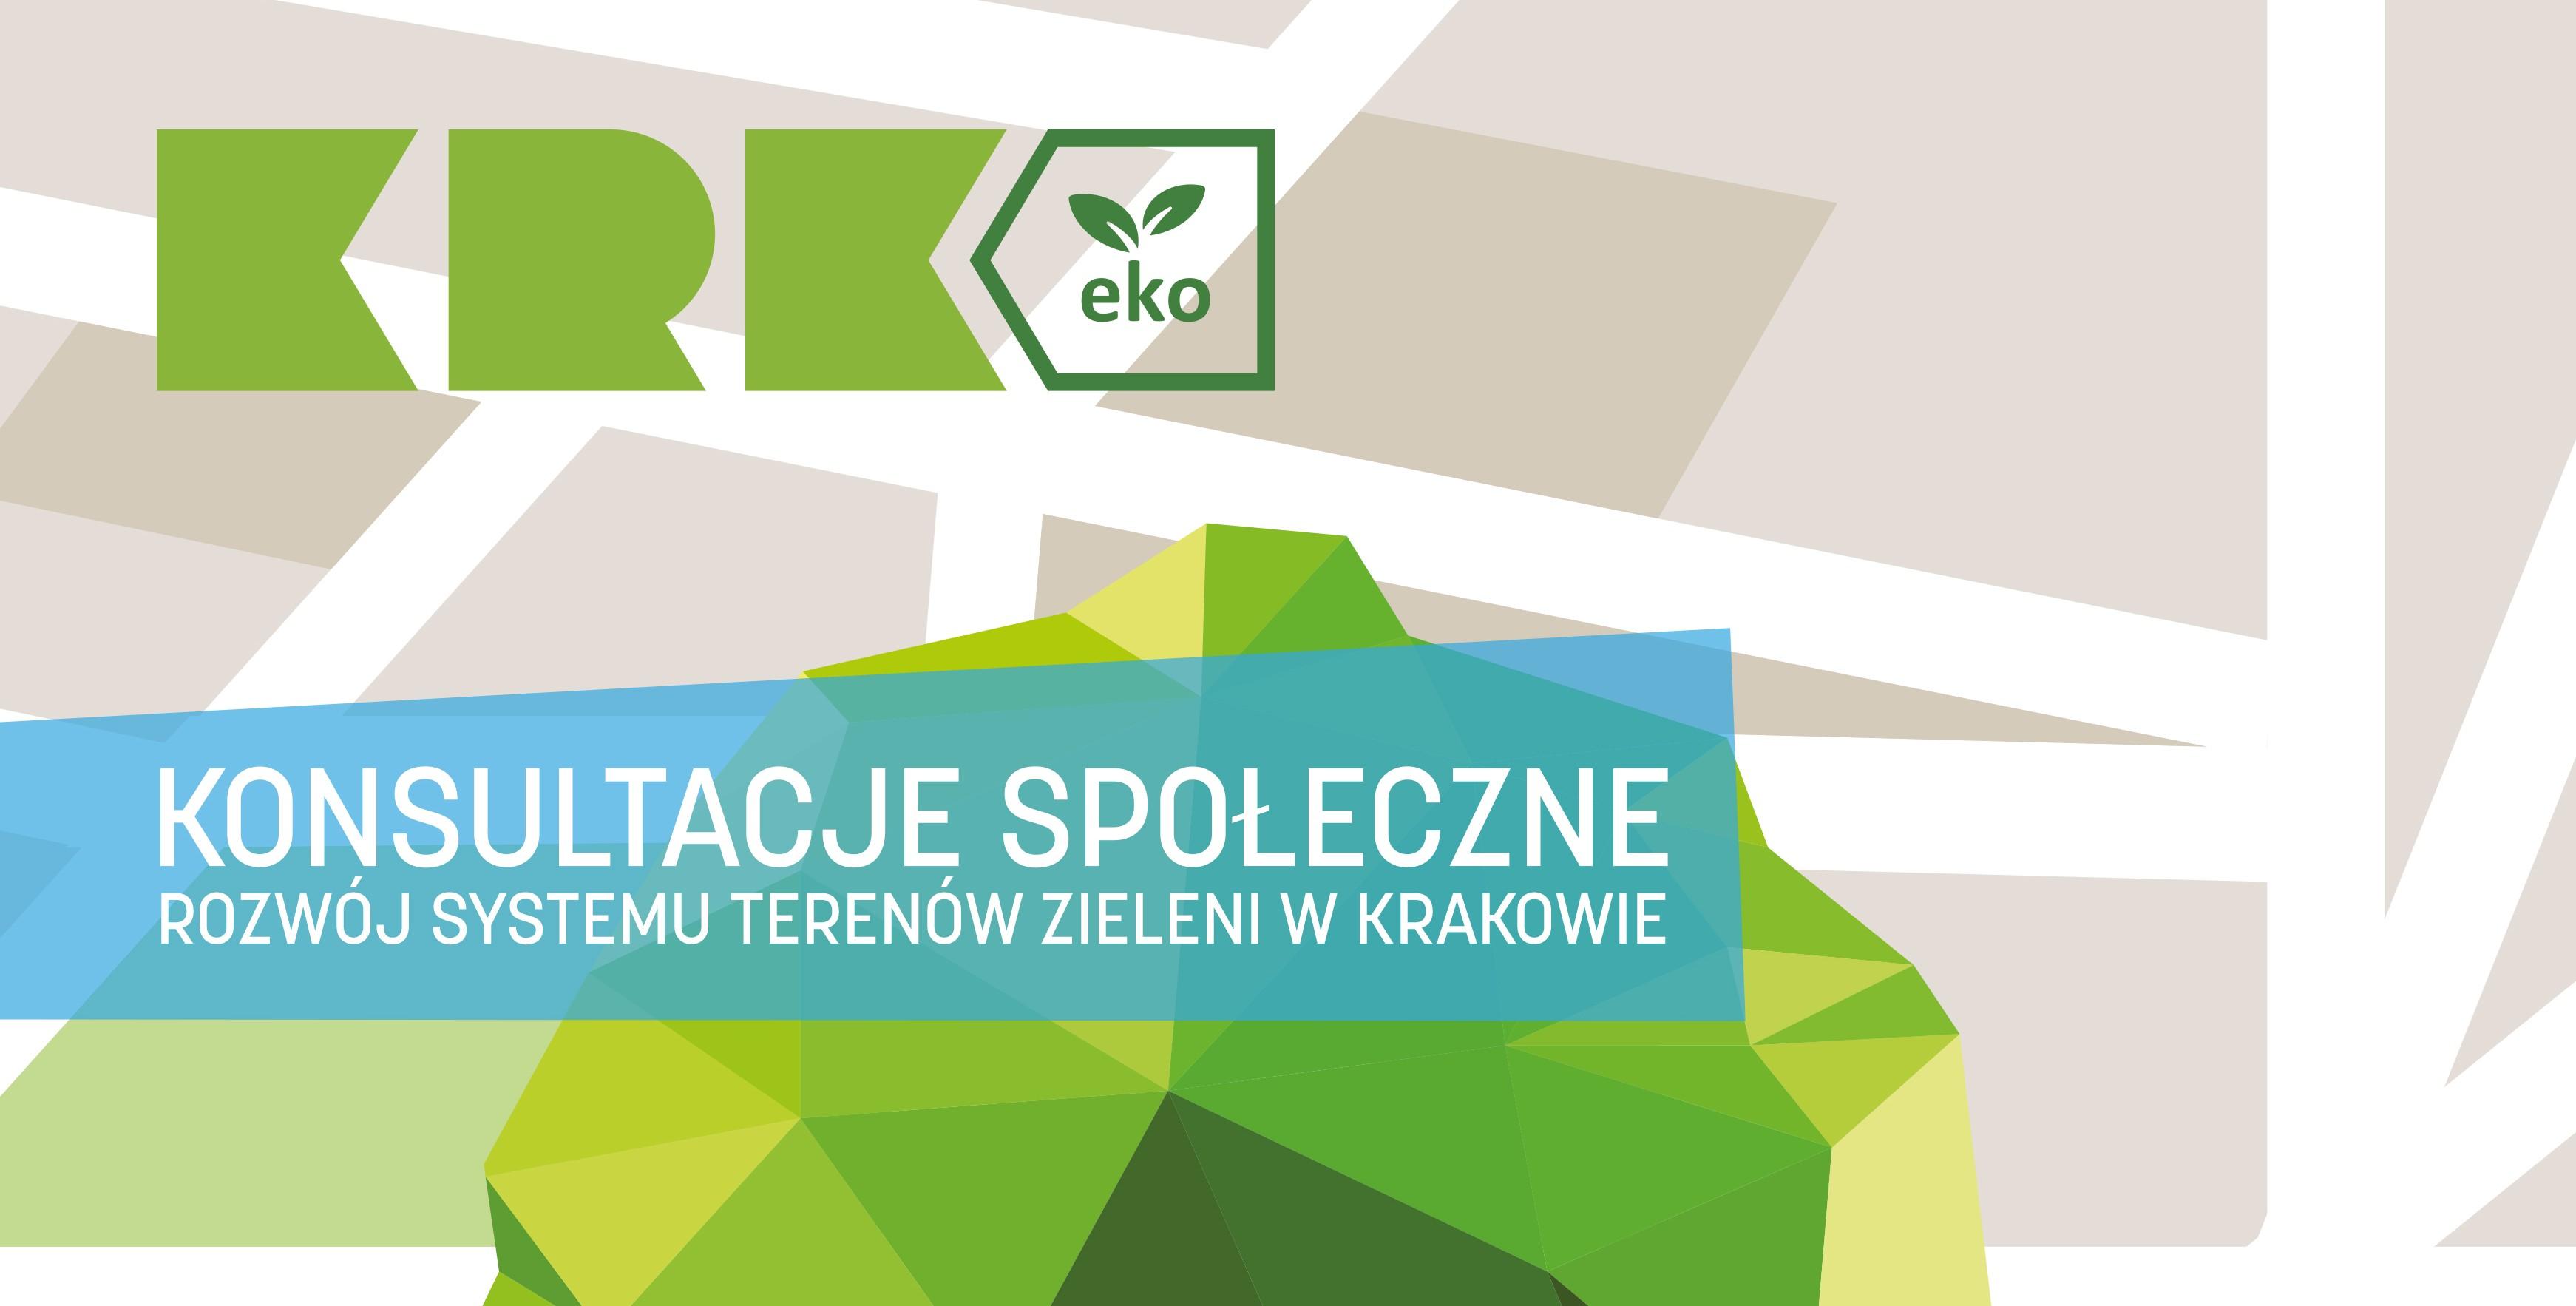 Konsultacje społeczne - rozwój systemu terenów zieleni w Krakowie